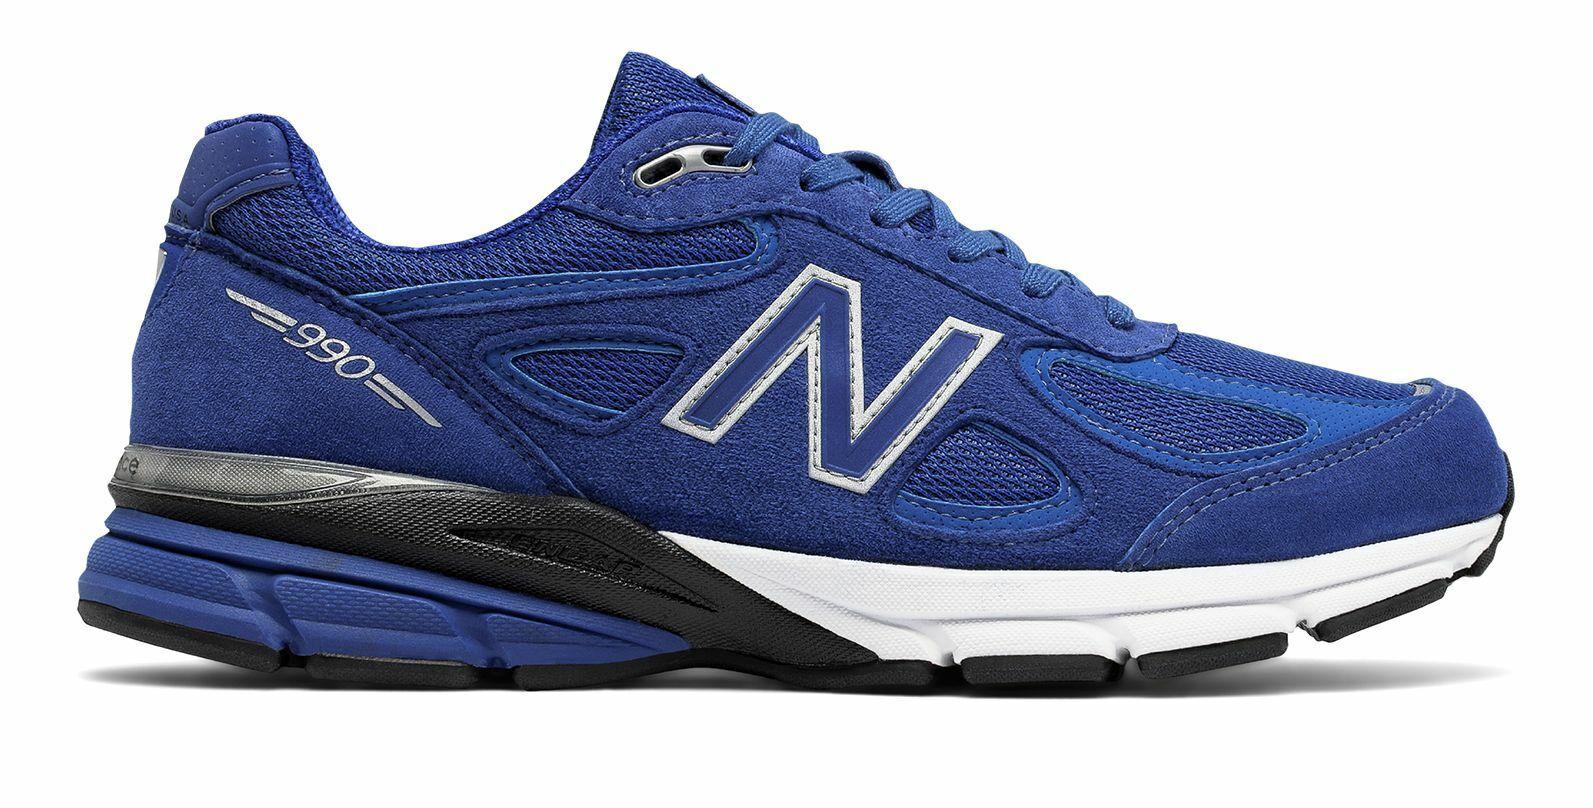 Hecho para hombre 990V4 New Balance en EE. UU. Zapatos Azul Con Plata